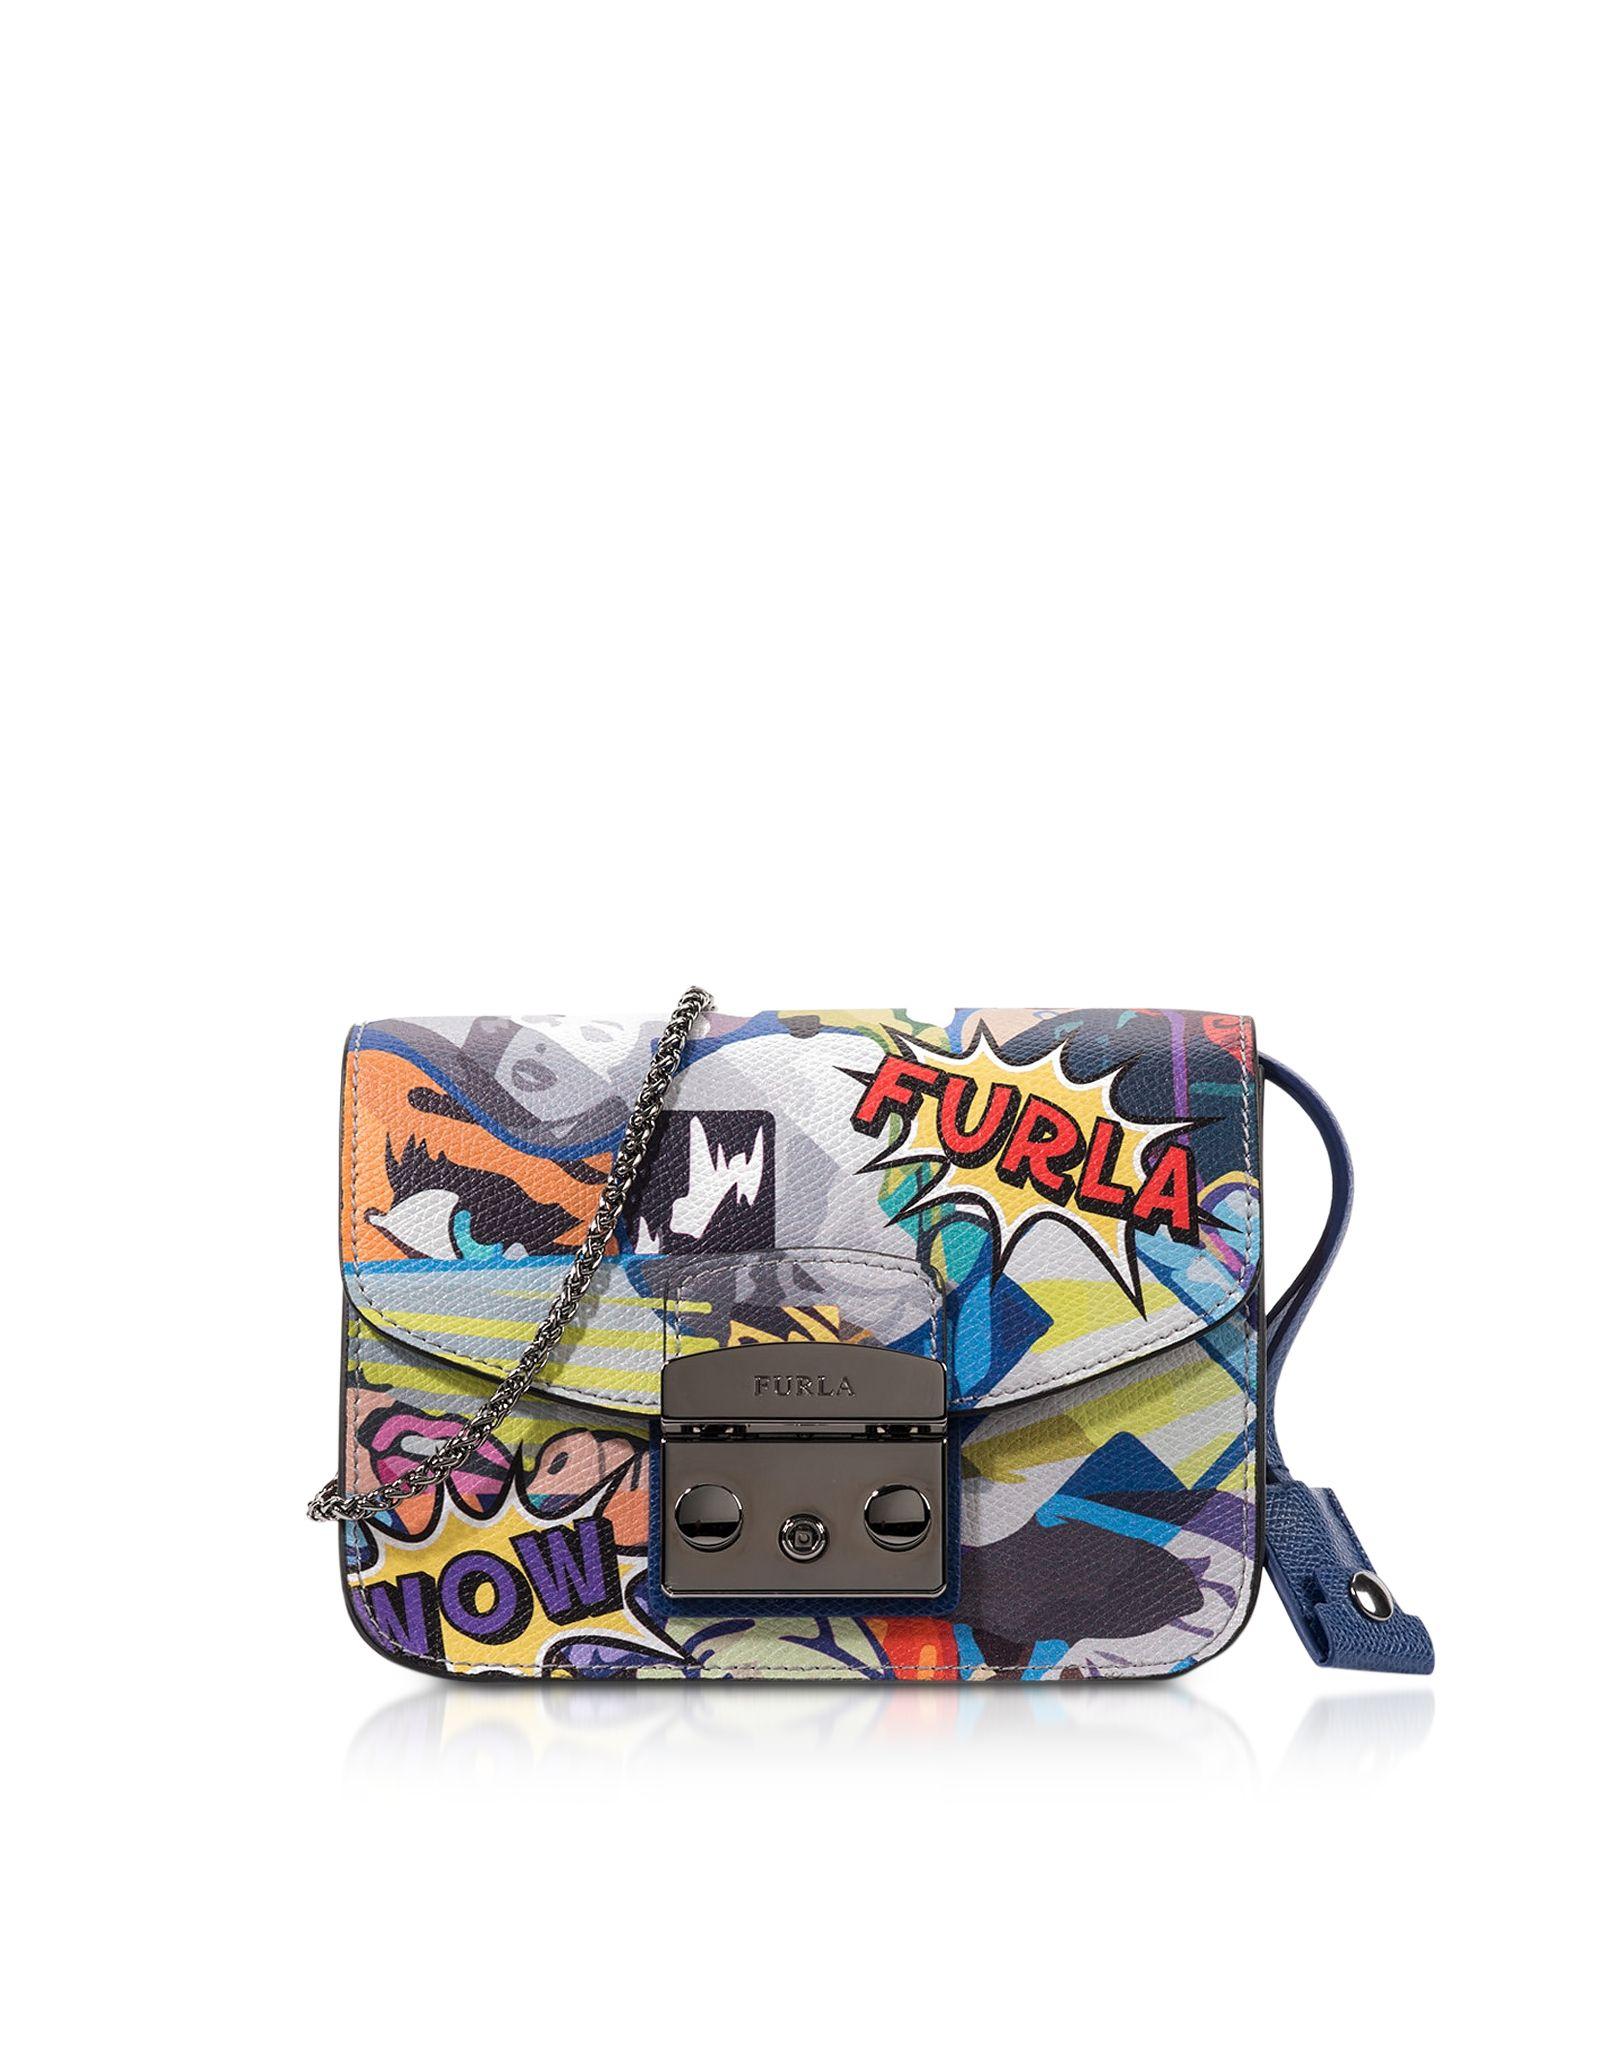 Furla Metropolis Multicolor Graffiti Mini Crossbody Bag at FORZIERI